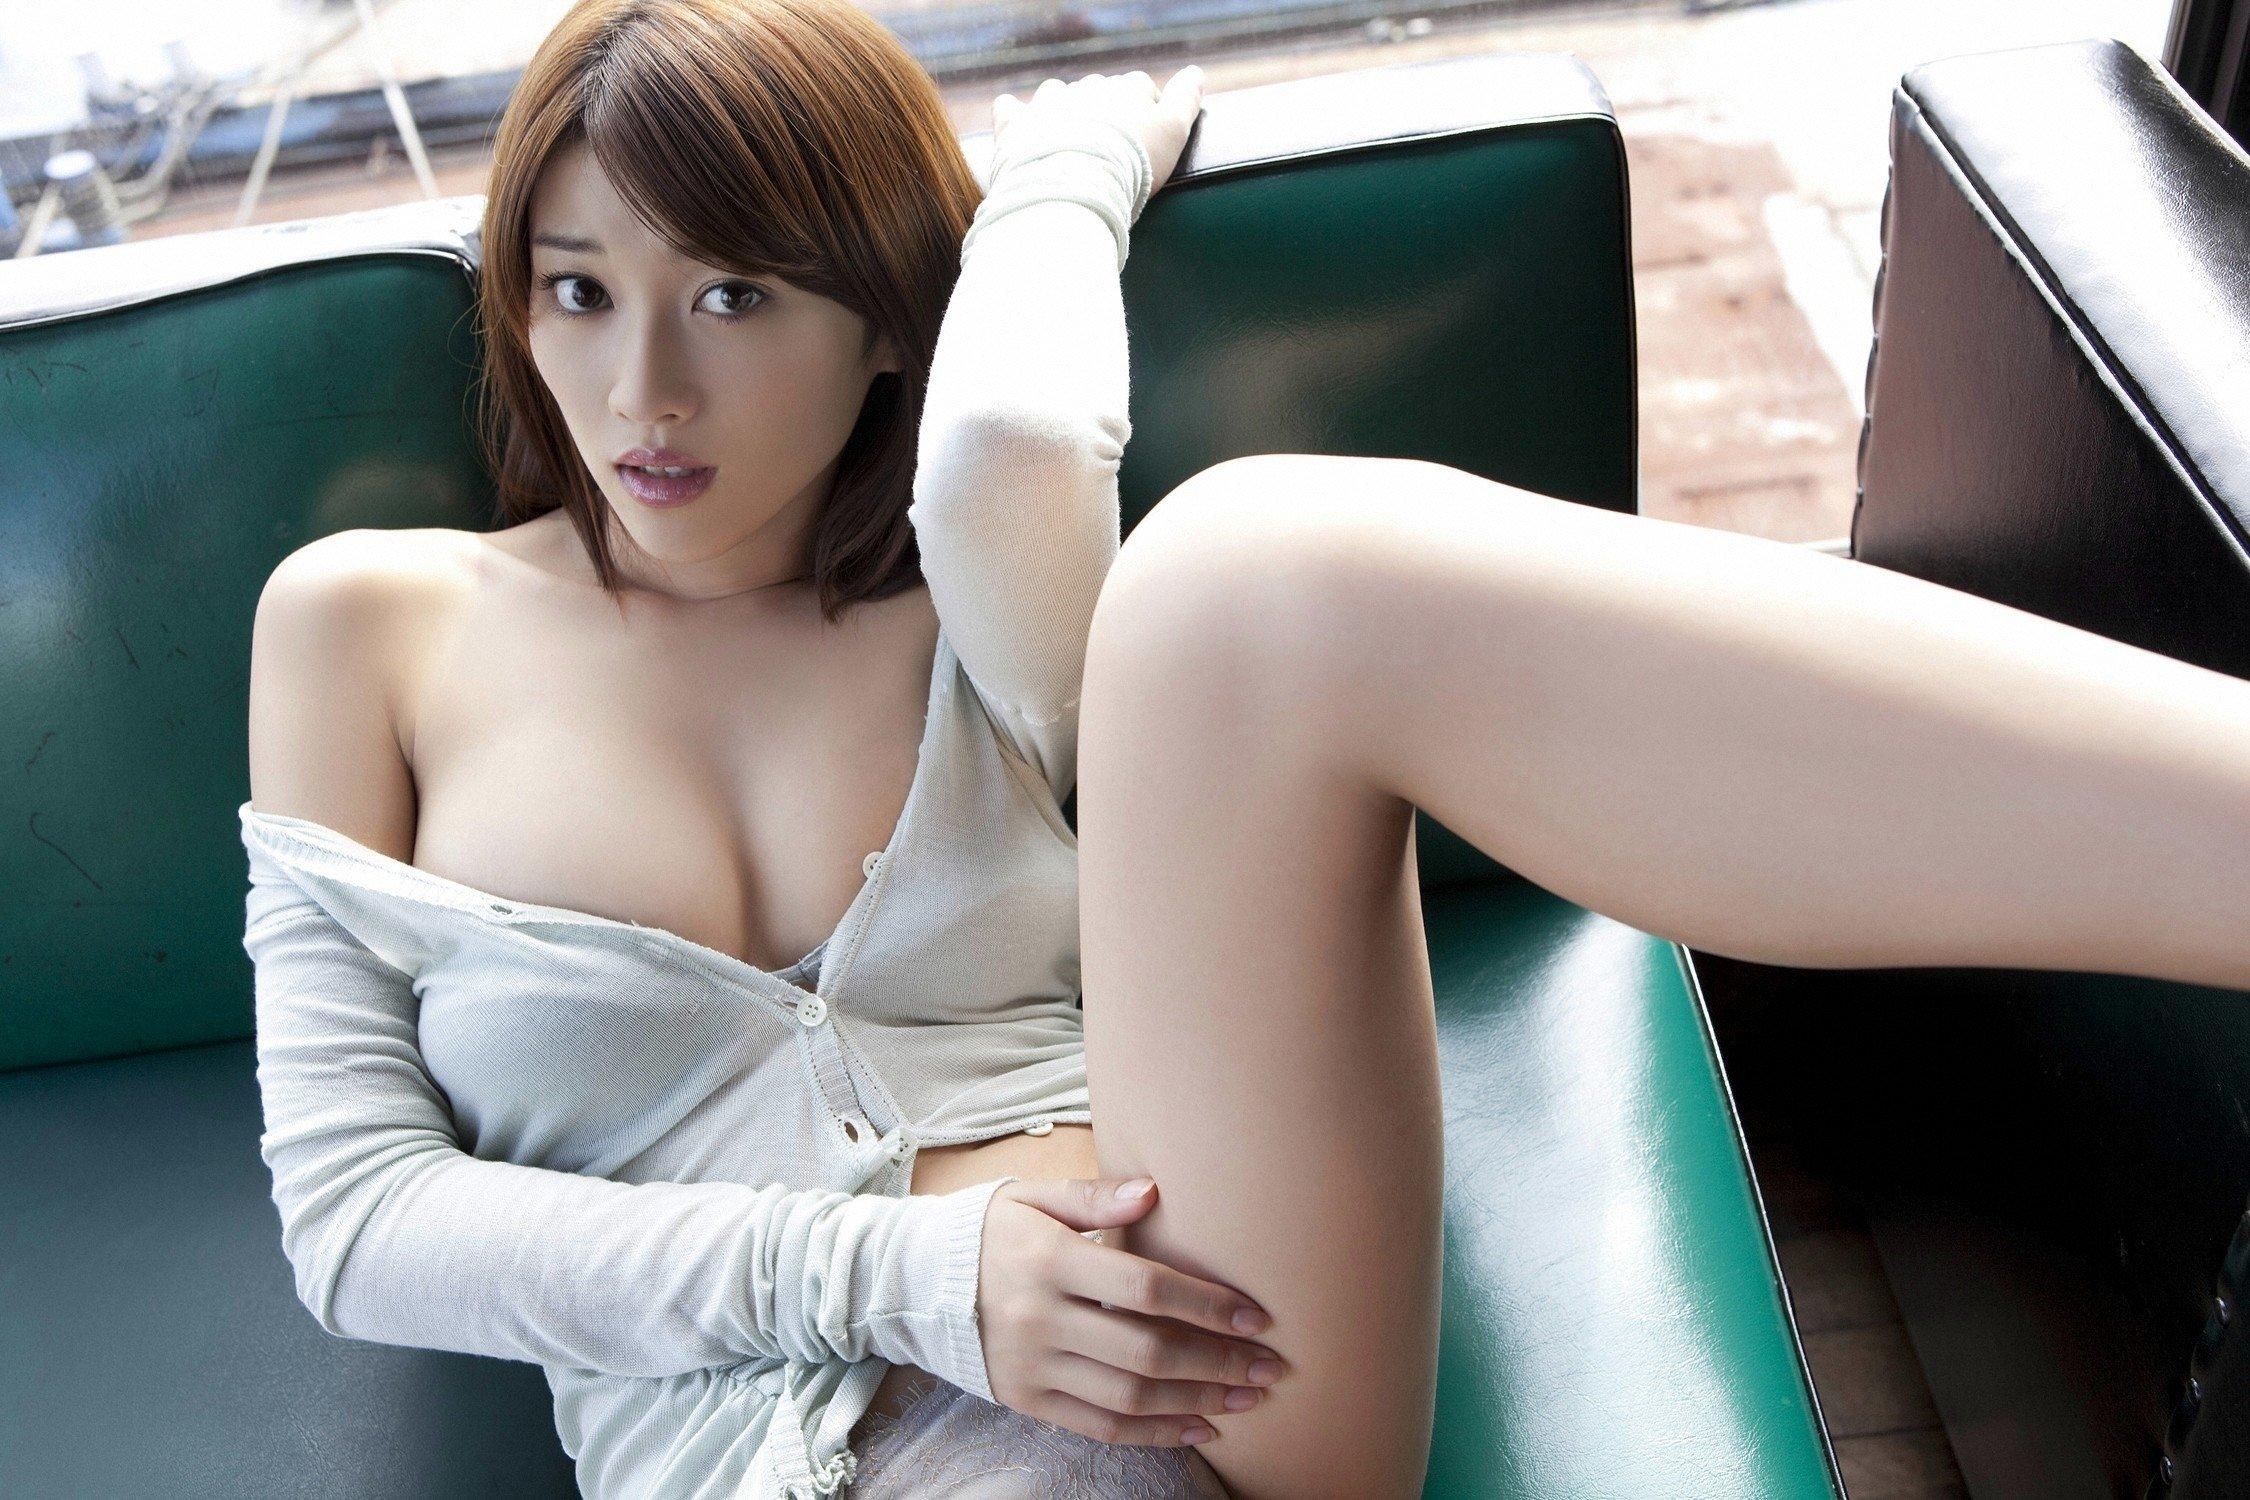 кто фото японок без всего стимулирует высококонцентрированной содержащейся